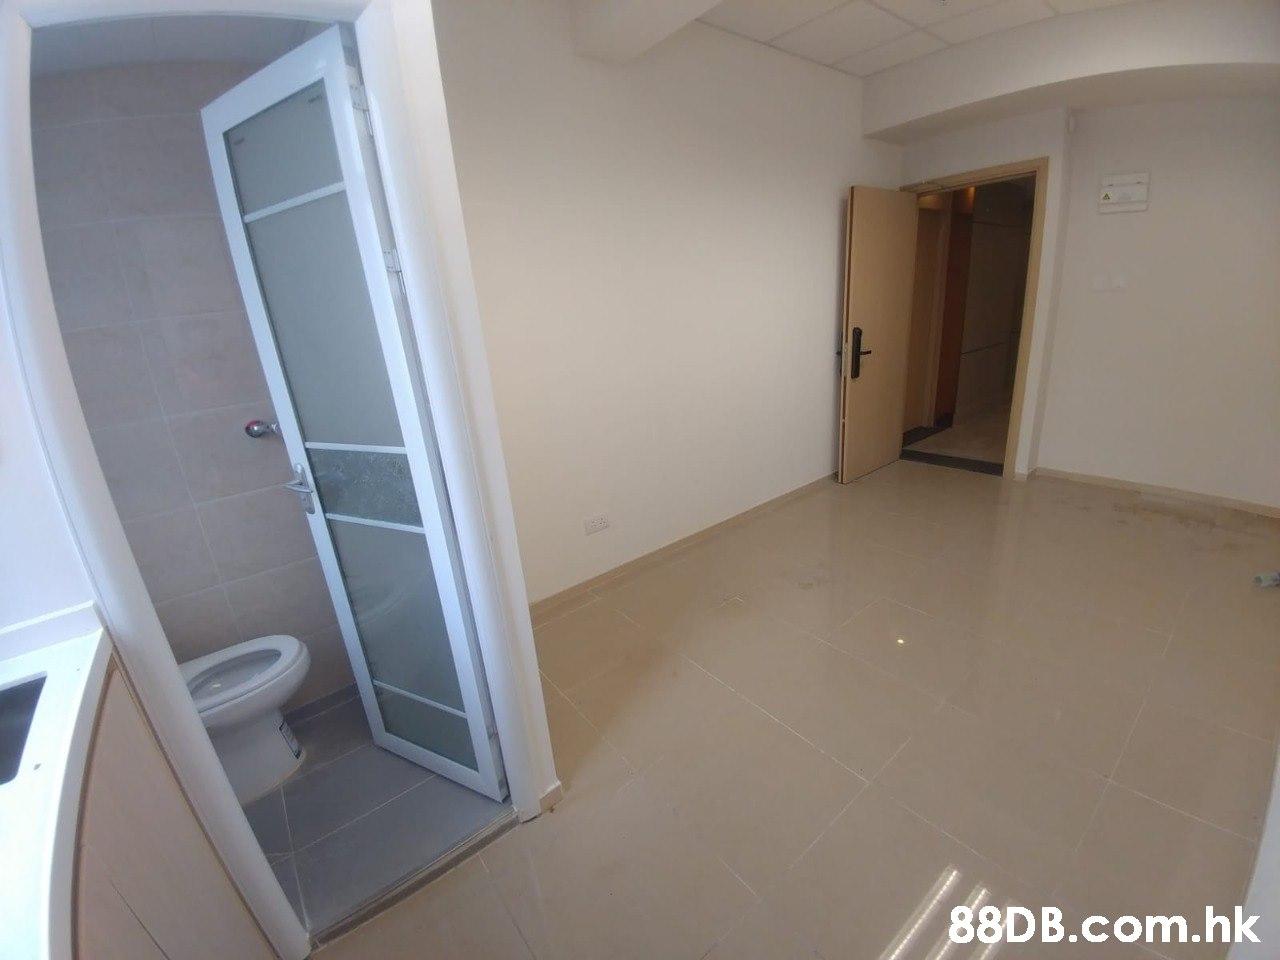 .hk  Property,Room,Floor,Building,Plaster